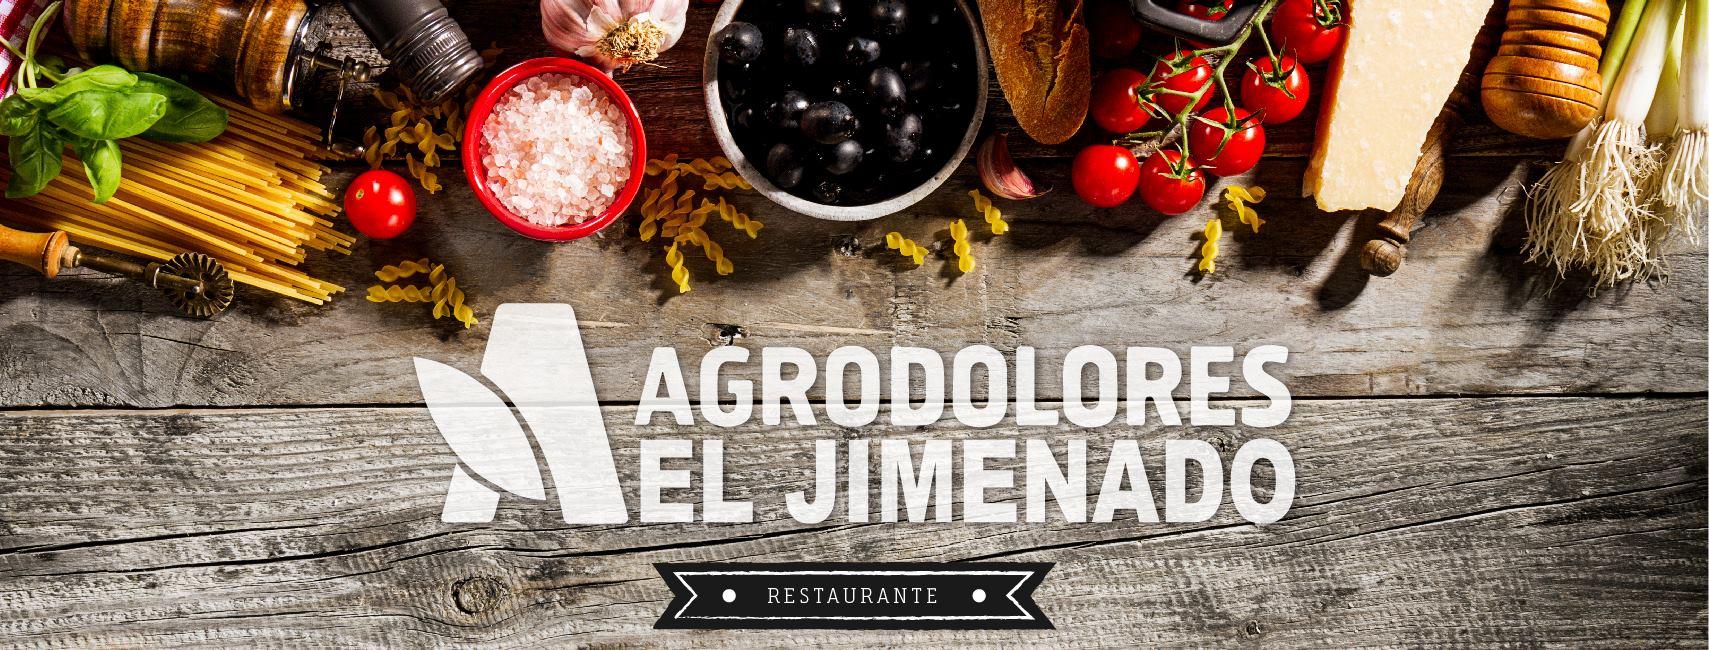 Agrodolores El Jimenado Restaurante Restauración